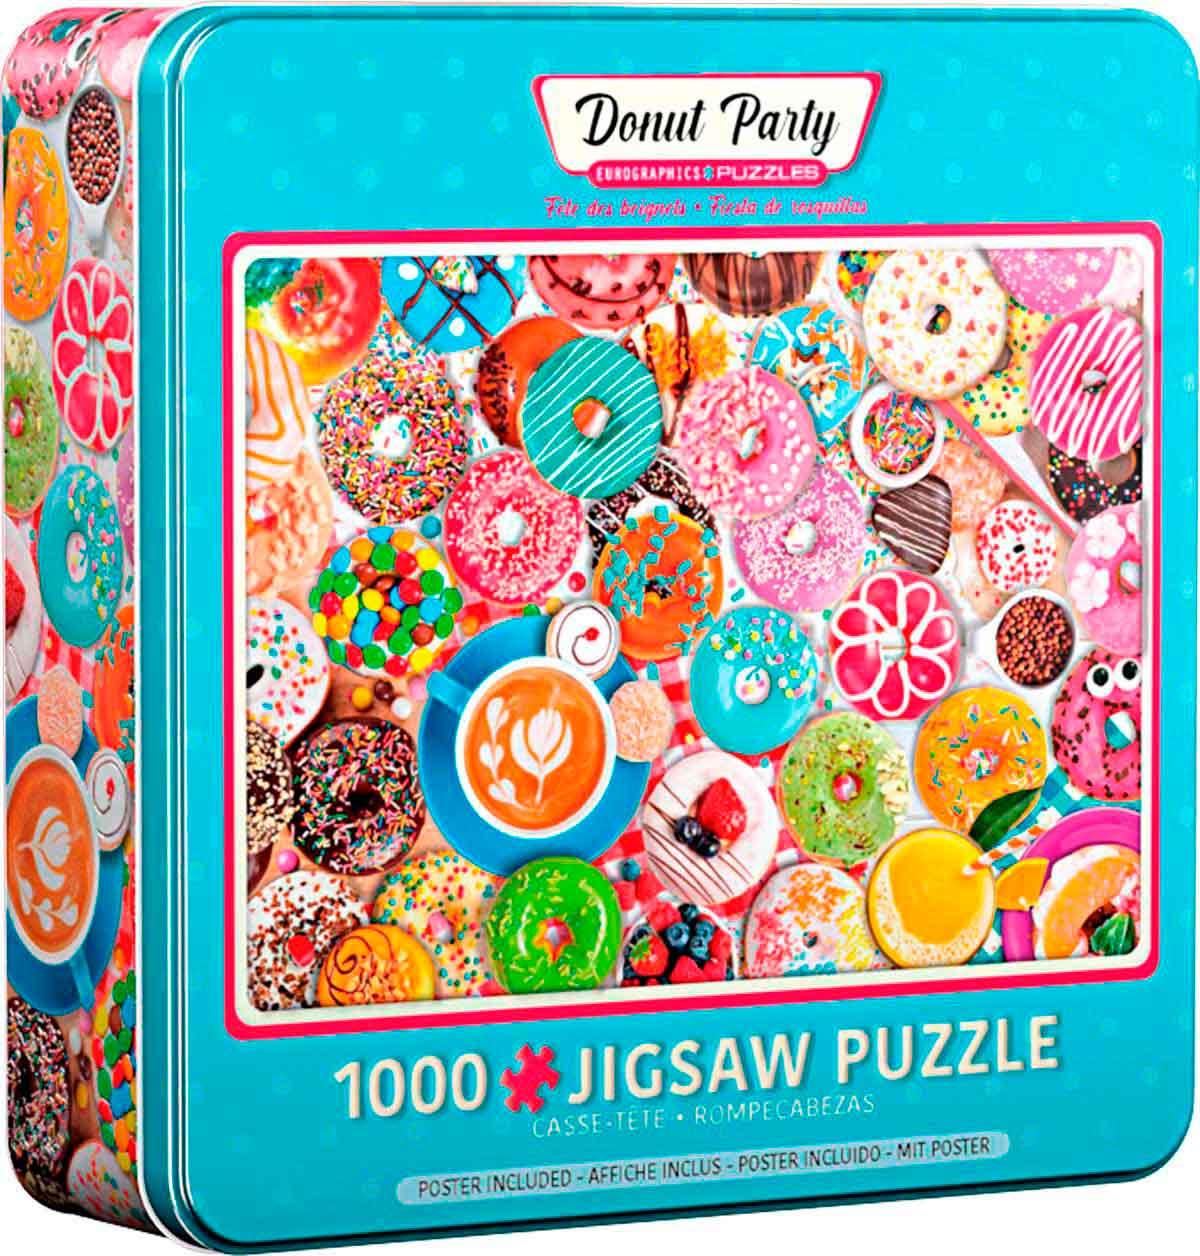 Puzzle Eurographics Fiesta de Donuts, Lata de 1000 Pzs